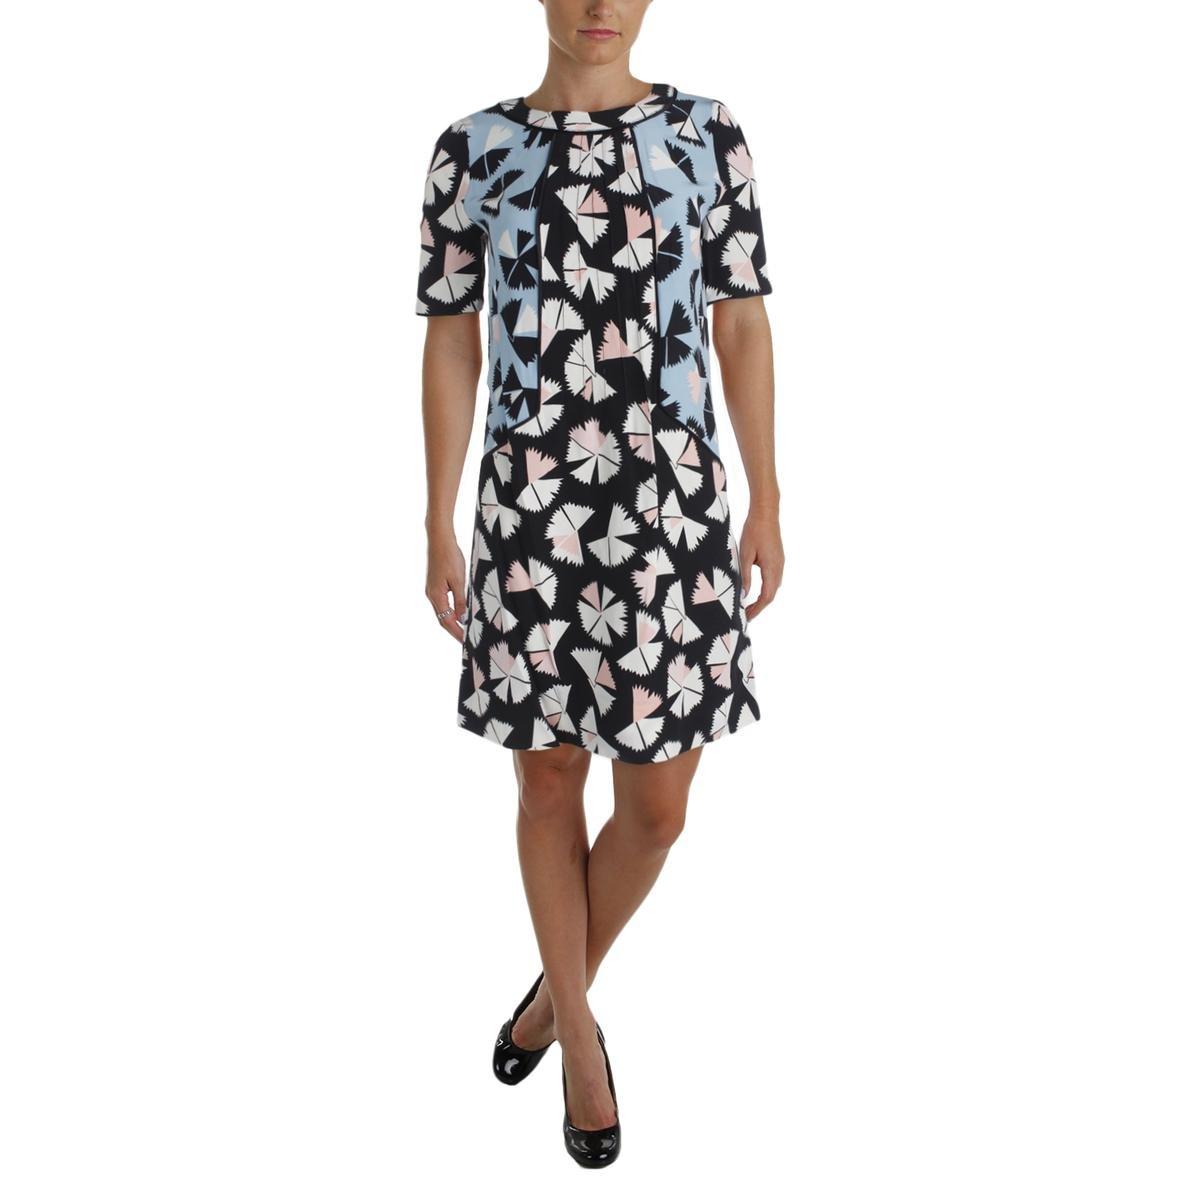 Marc by Marc Jacobs Women's Pinwheel Flower Dress, Black Multi, 6